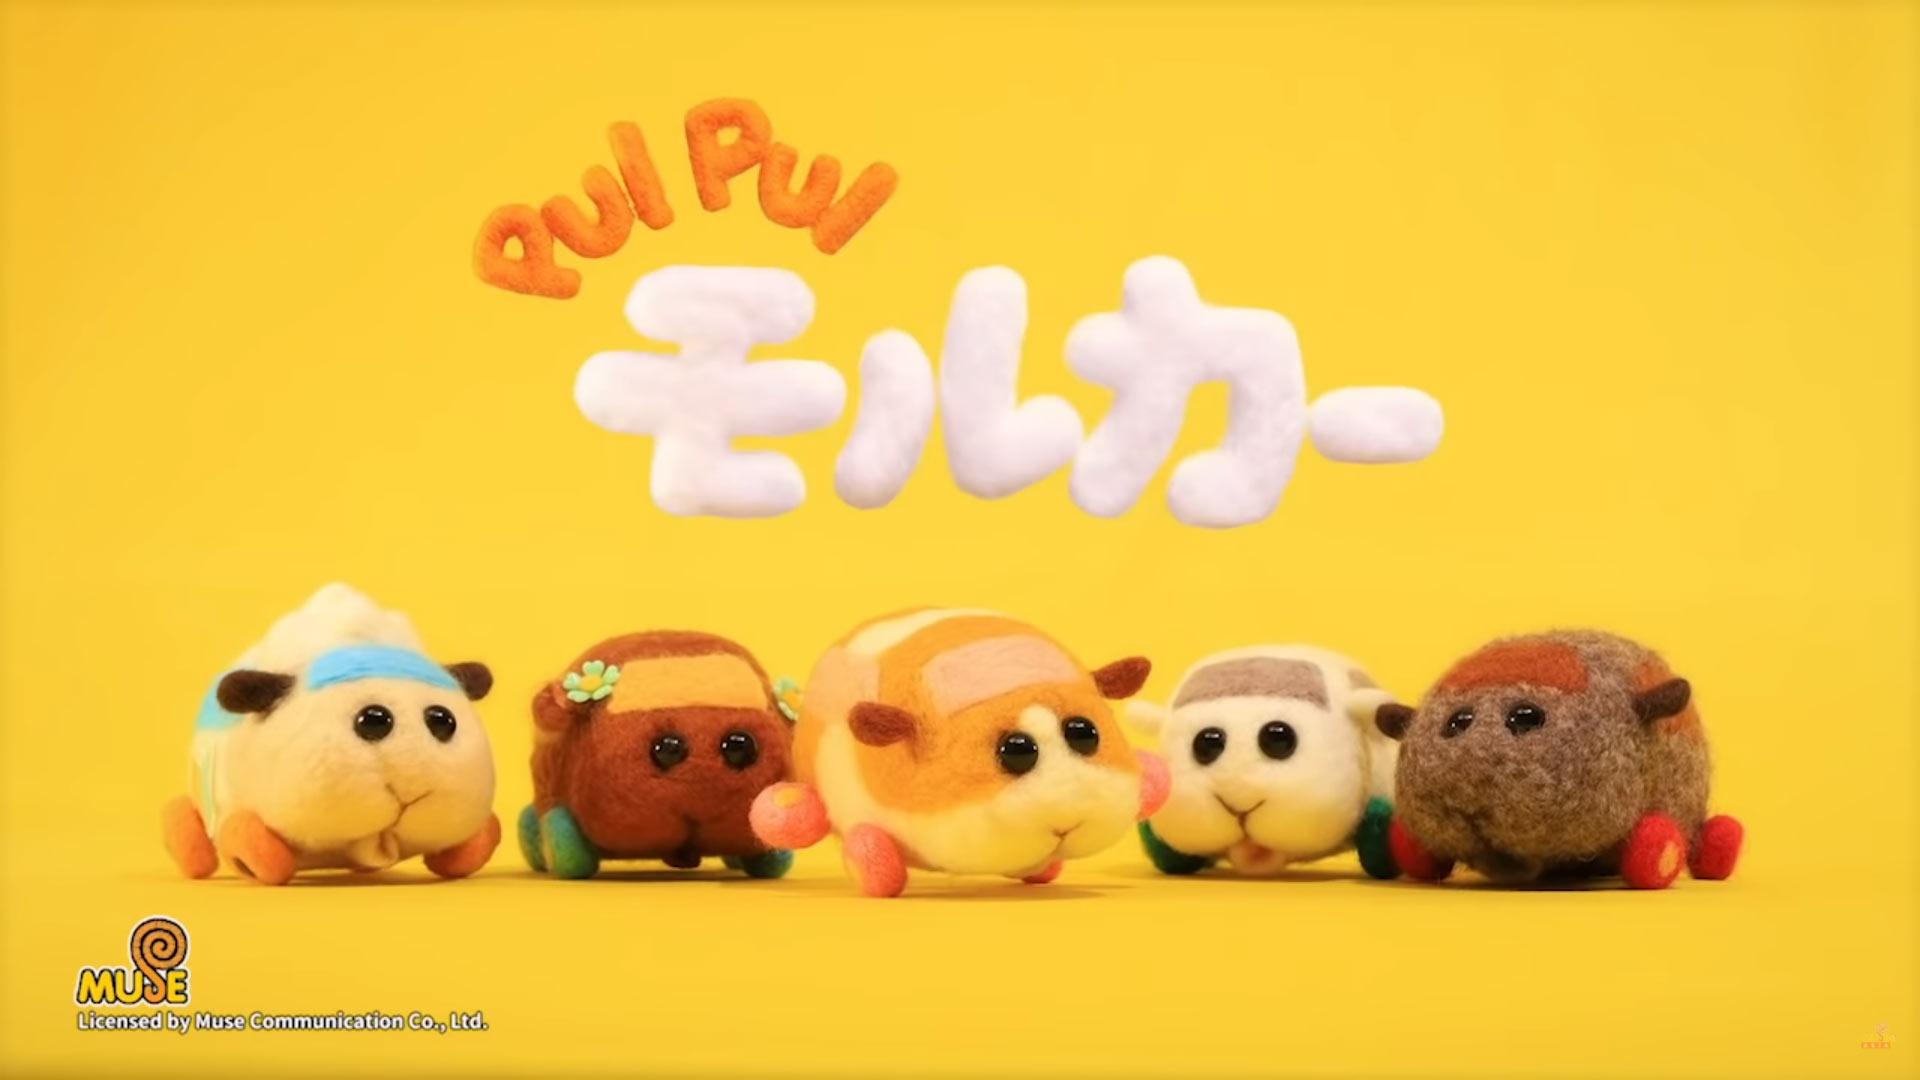 Japan's Pui Pui Molcars